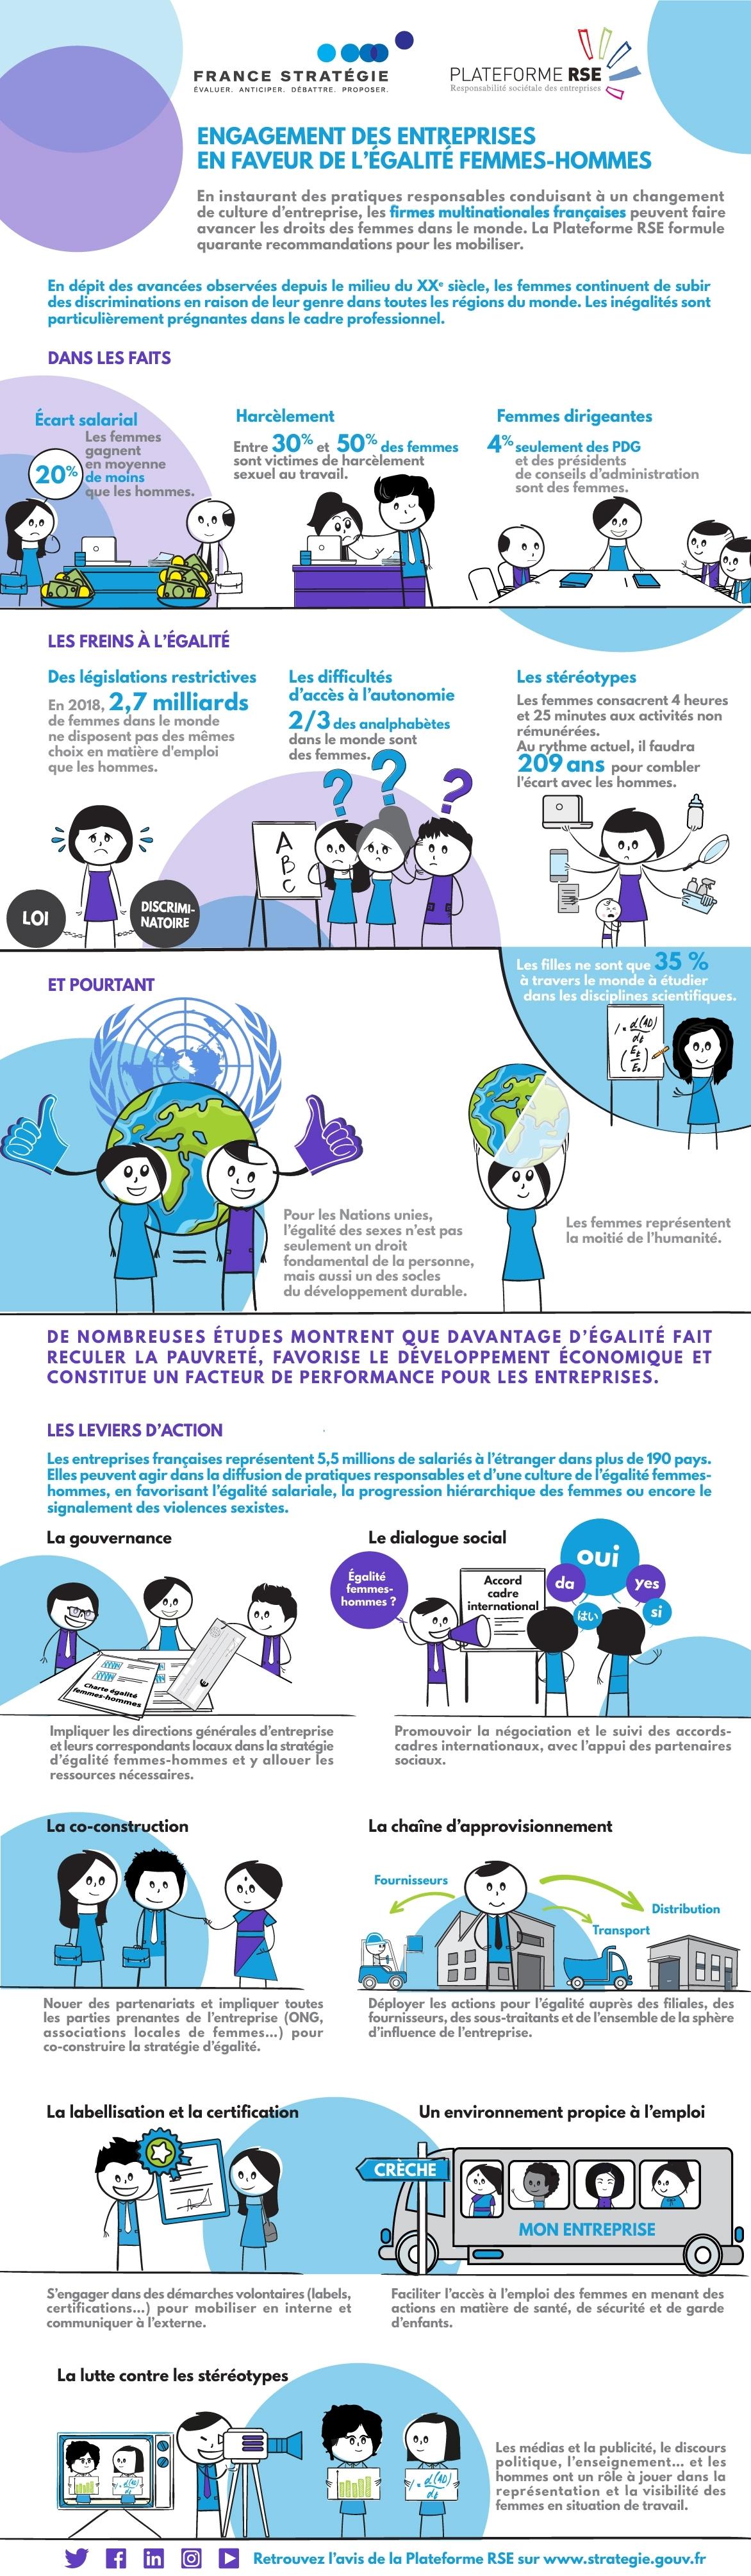 Engagement des entreprises en faveur de l'égalité femmes-hommes